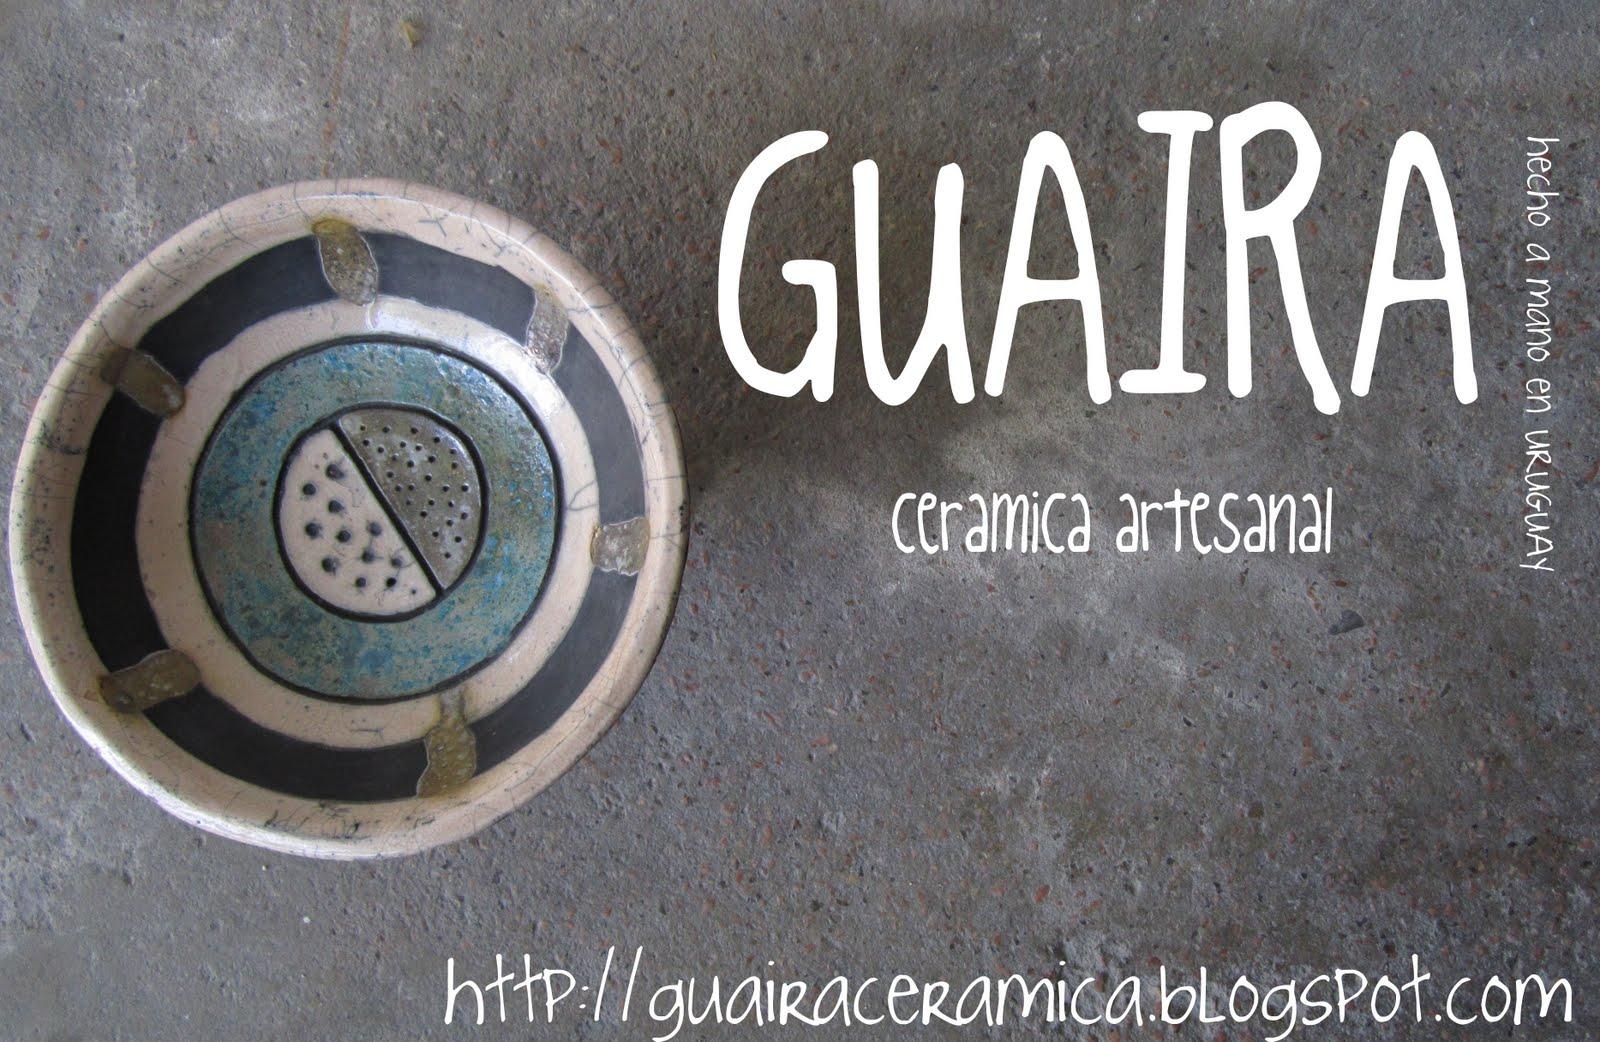 guaira